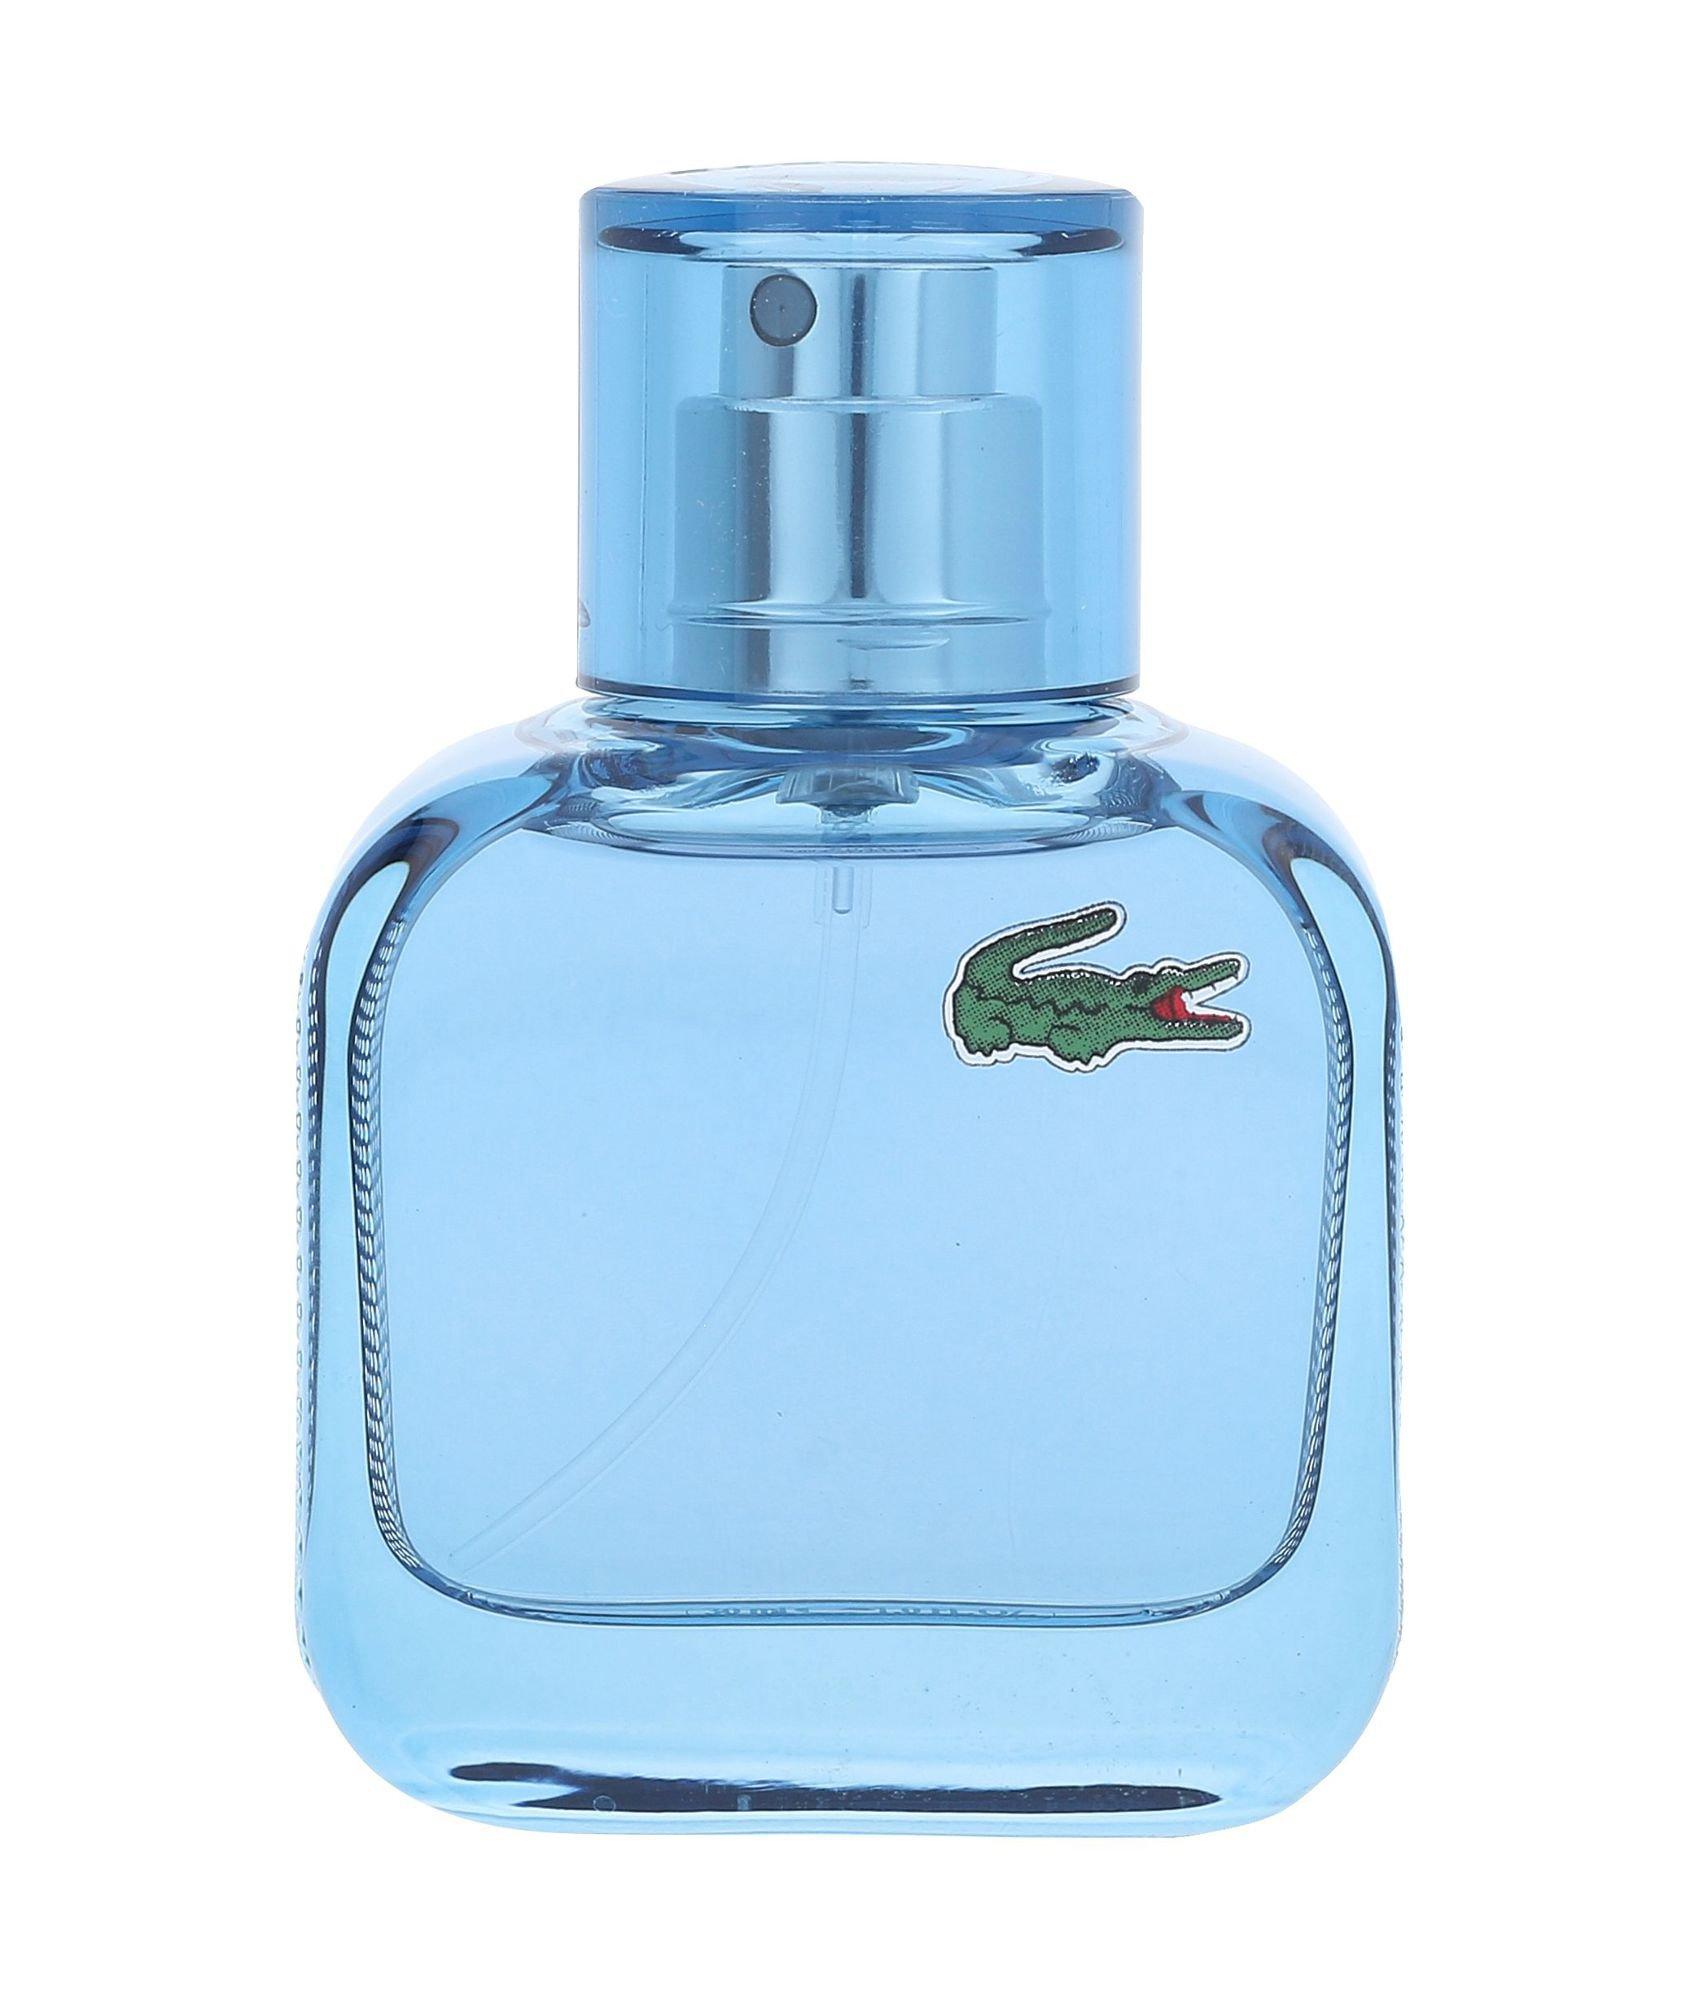 Lacoste Eau De Lacoste L.12.12 Bleu, Toaletní voda 30ml - Pôvodná verzia